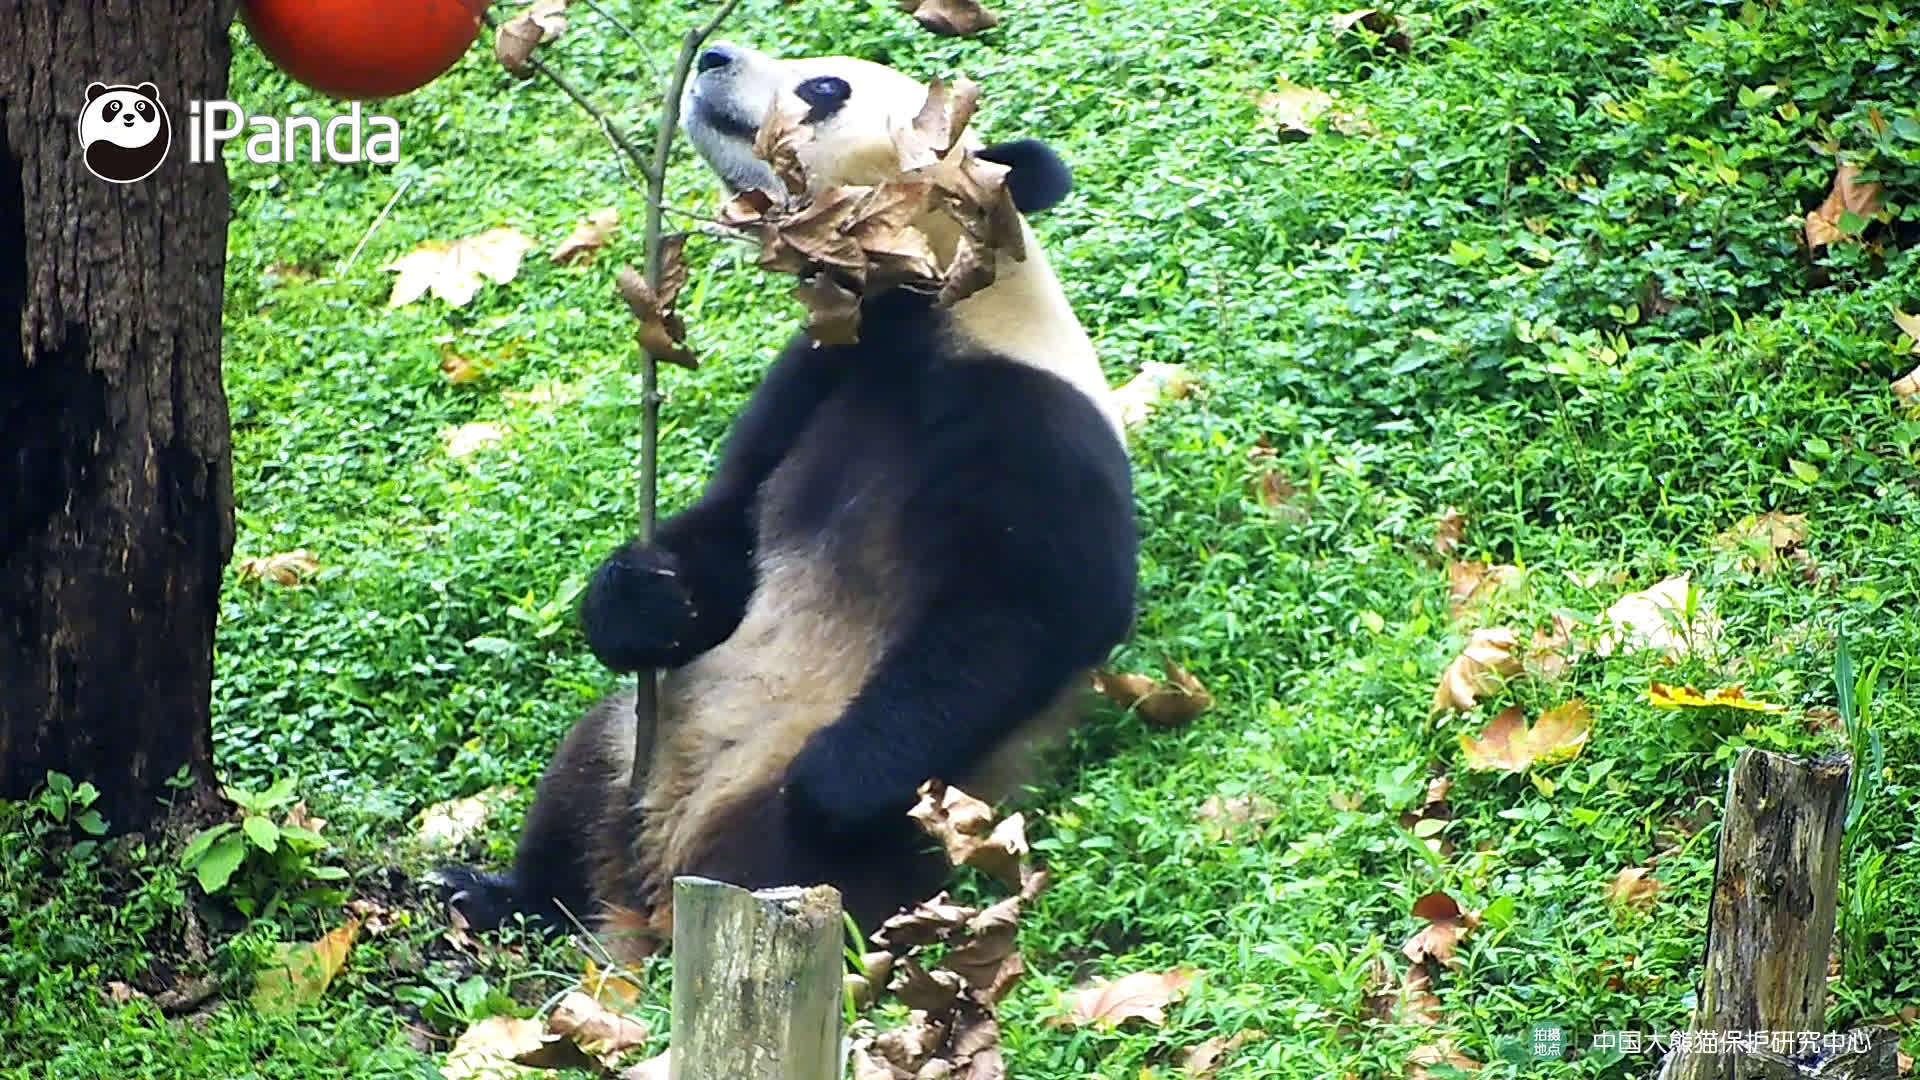 动手达熊的今日成就